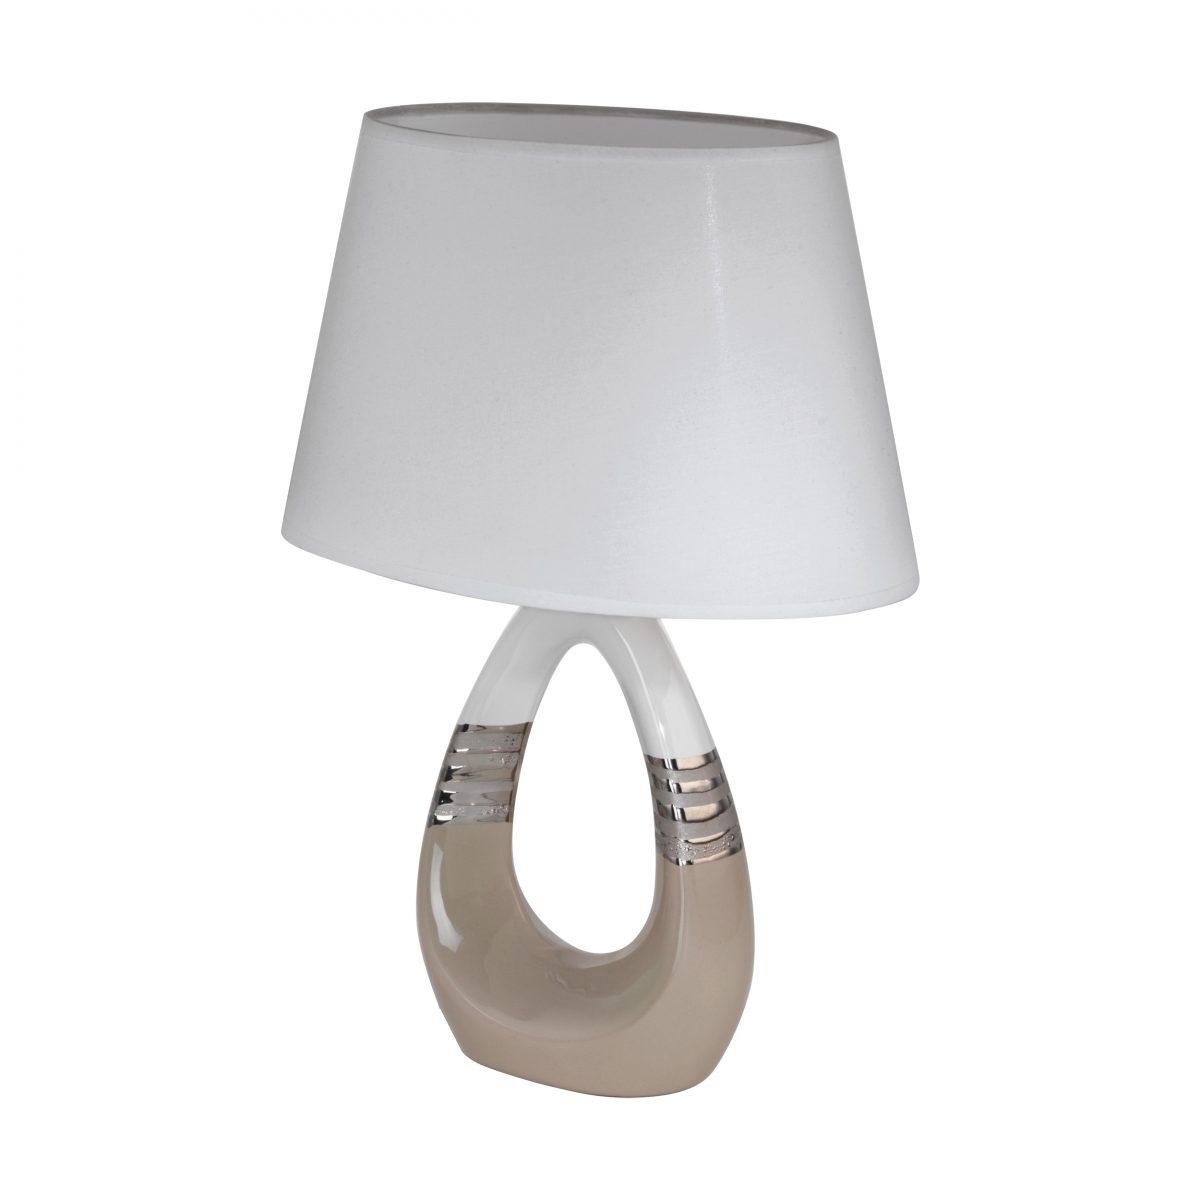 Настольная лампа BELLARIVA 1 EGLO 97775 - Фото №28